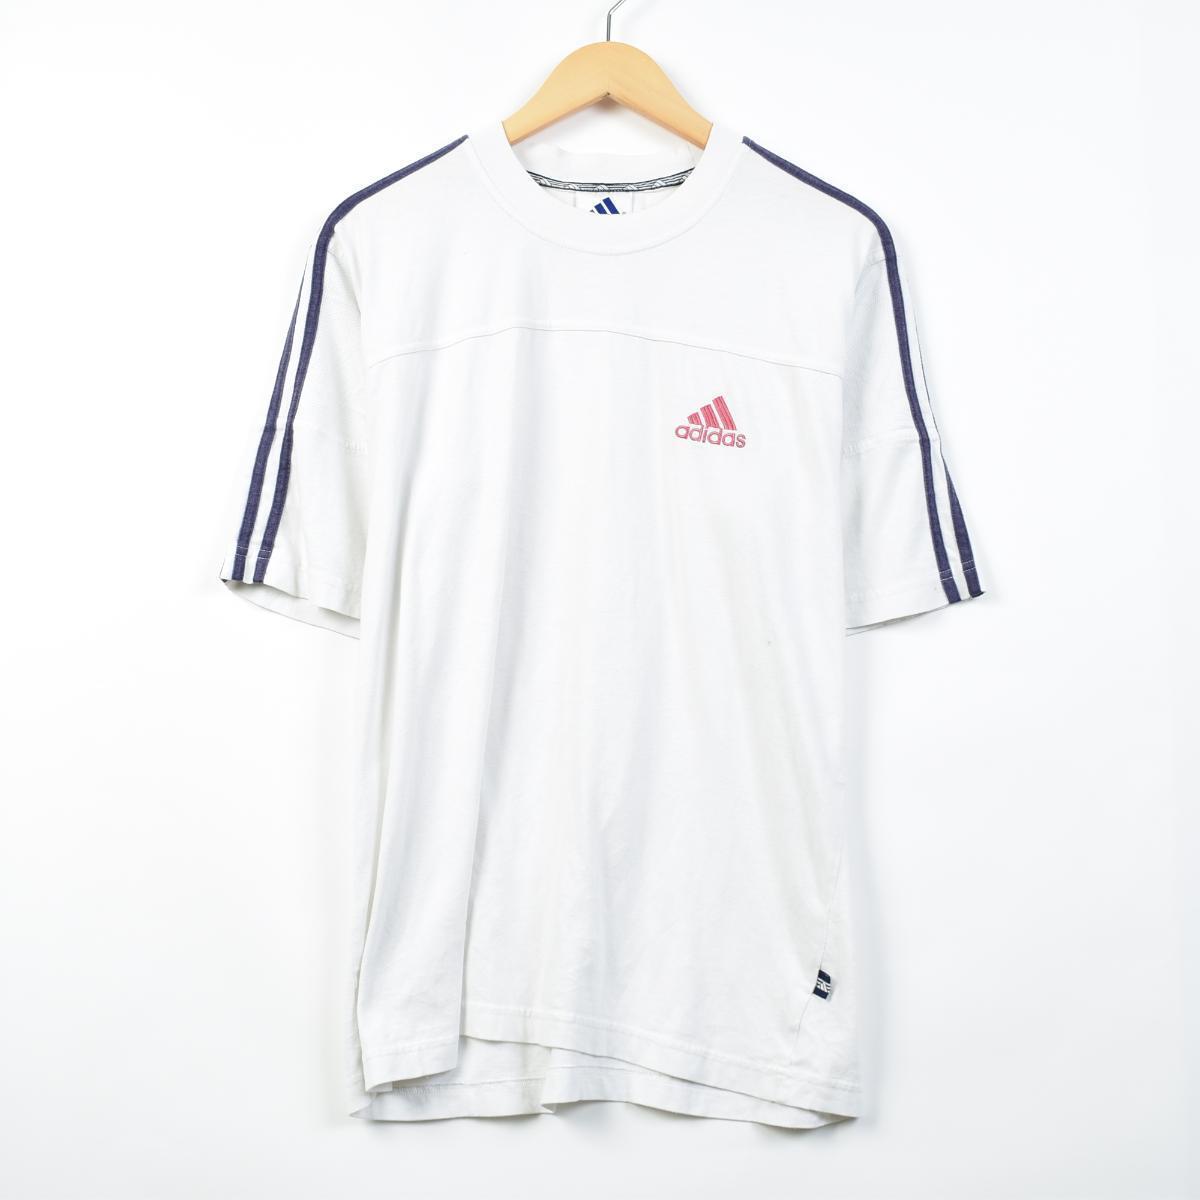 トップス, Tシャツ・カットソー 90 adidas T M eaa027160 200427